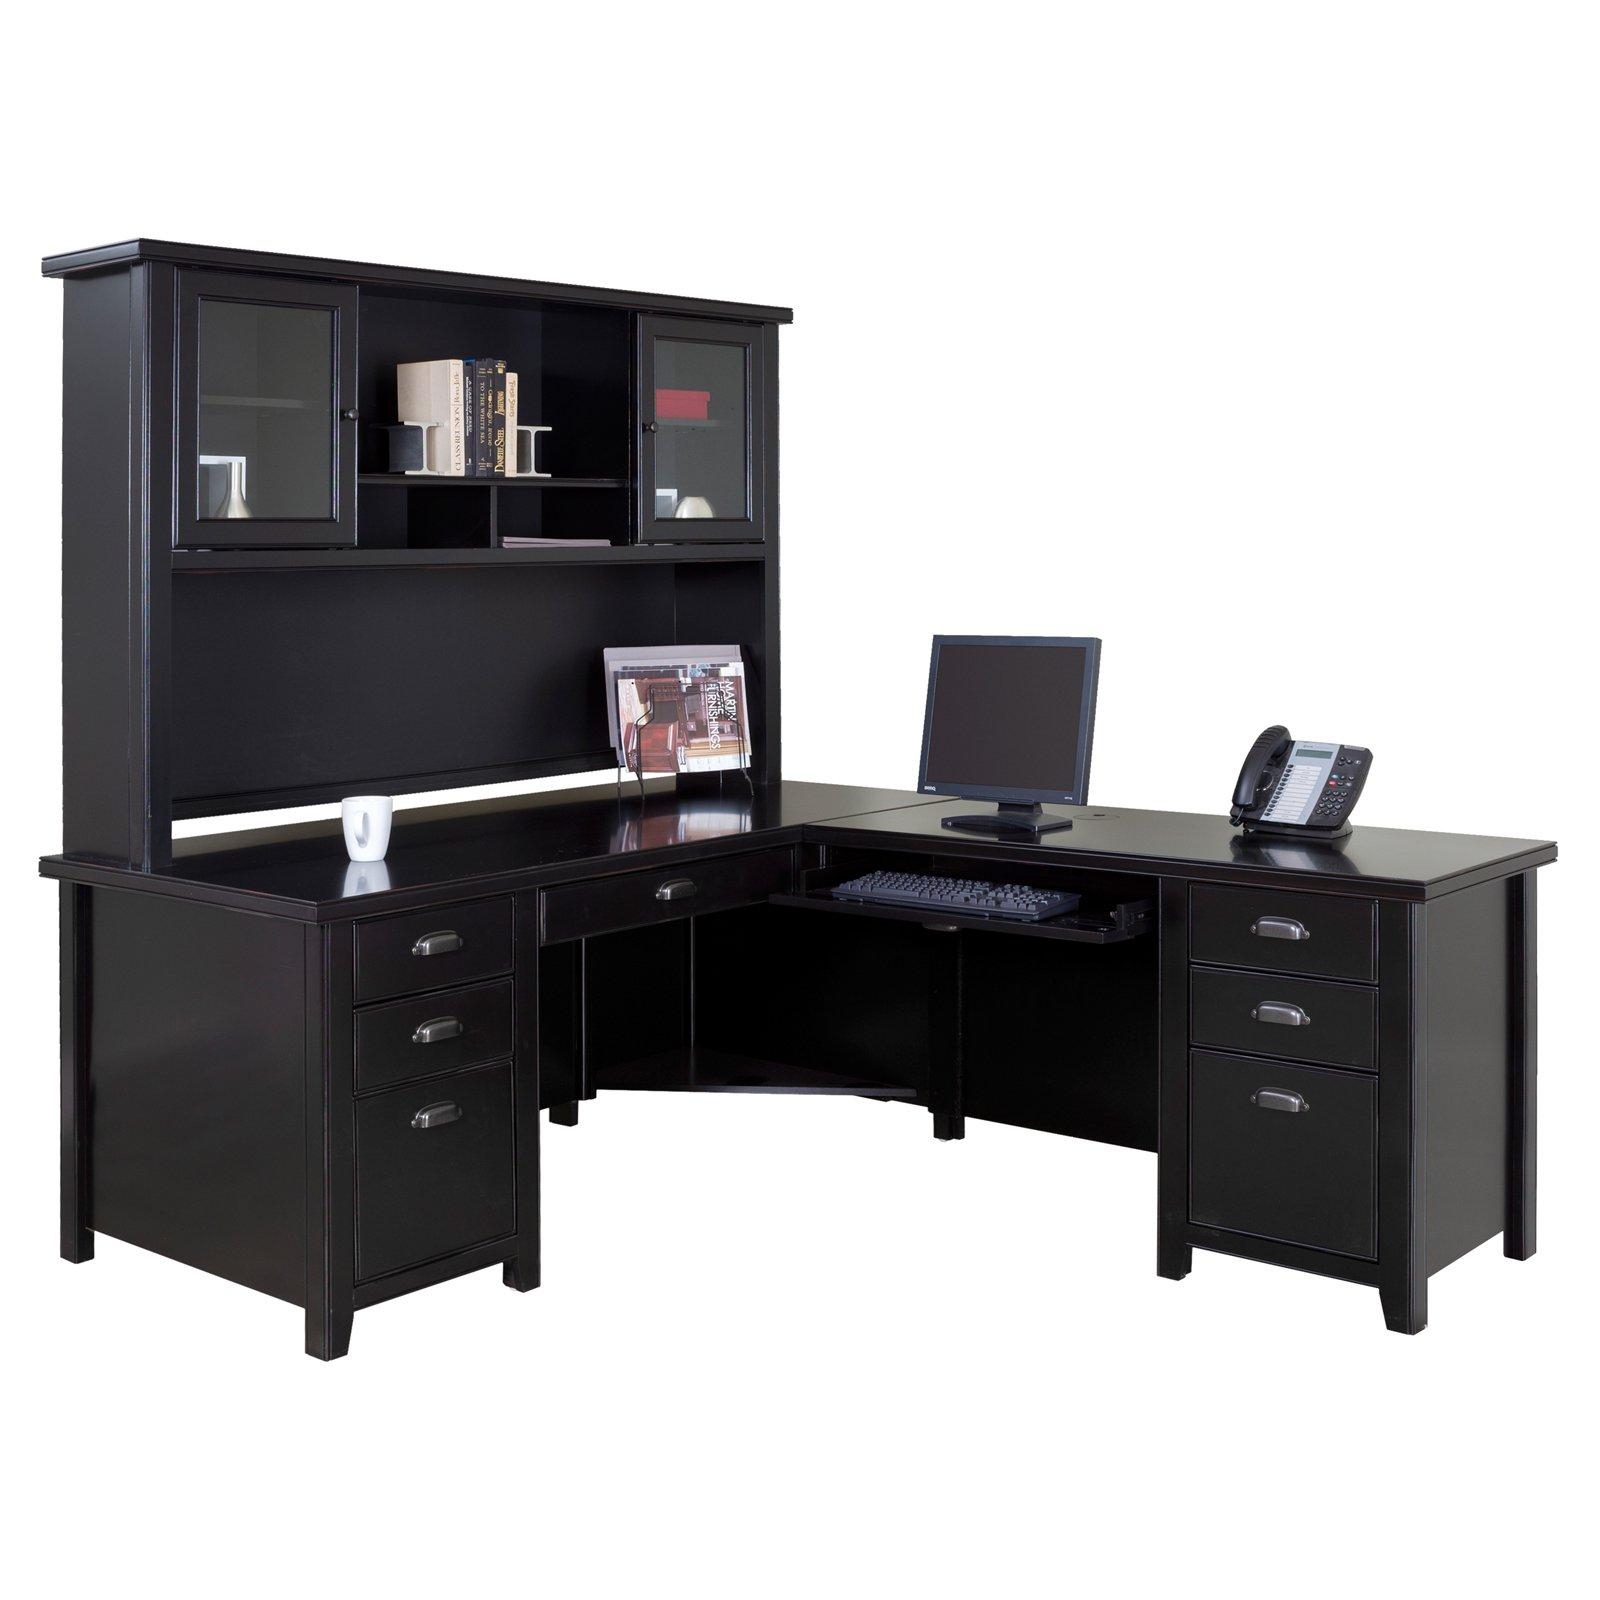 L shaped desk riverside bridgeport l-shaped computer desk with optional hutch - desks at  hayneedle MPUAJSP